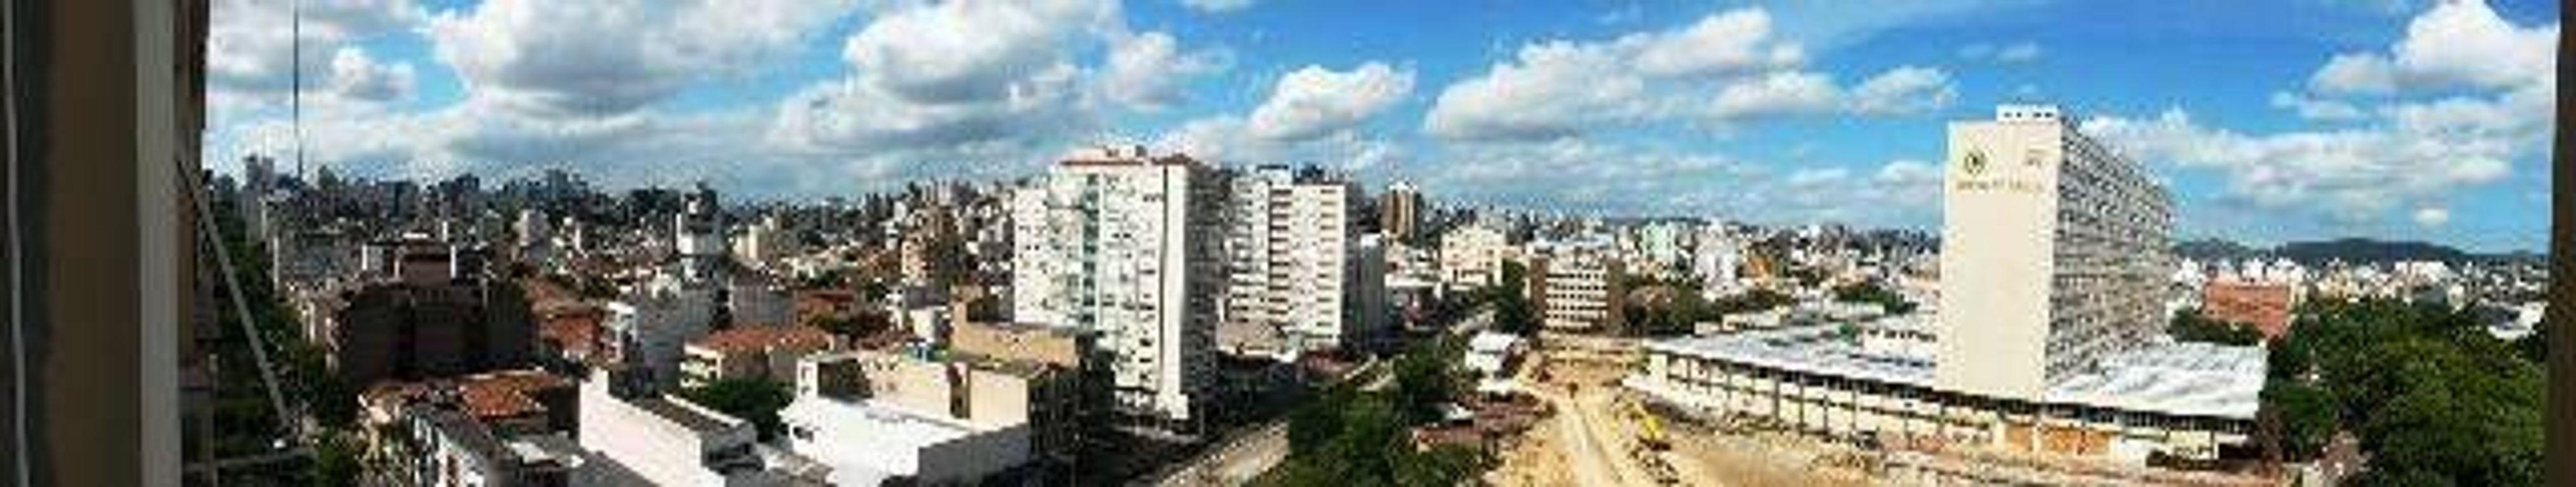 Foxter Imobiliária - Apto 3 Dorm, Rio Branco - Foto 9